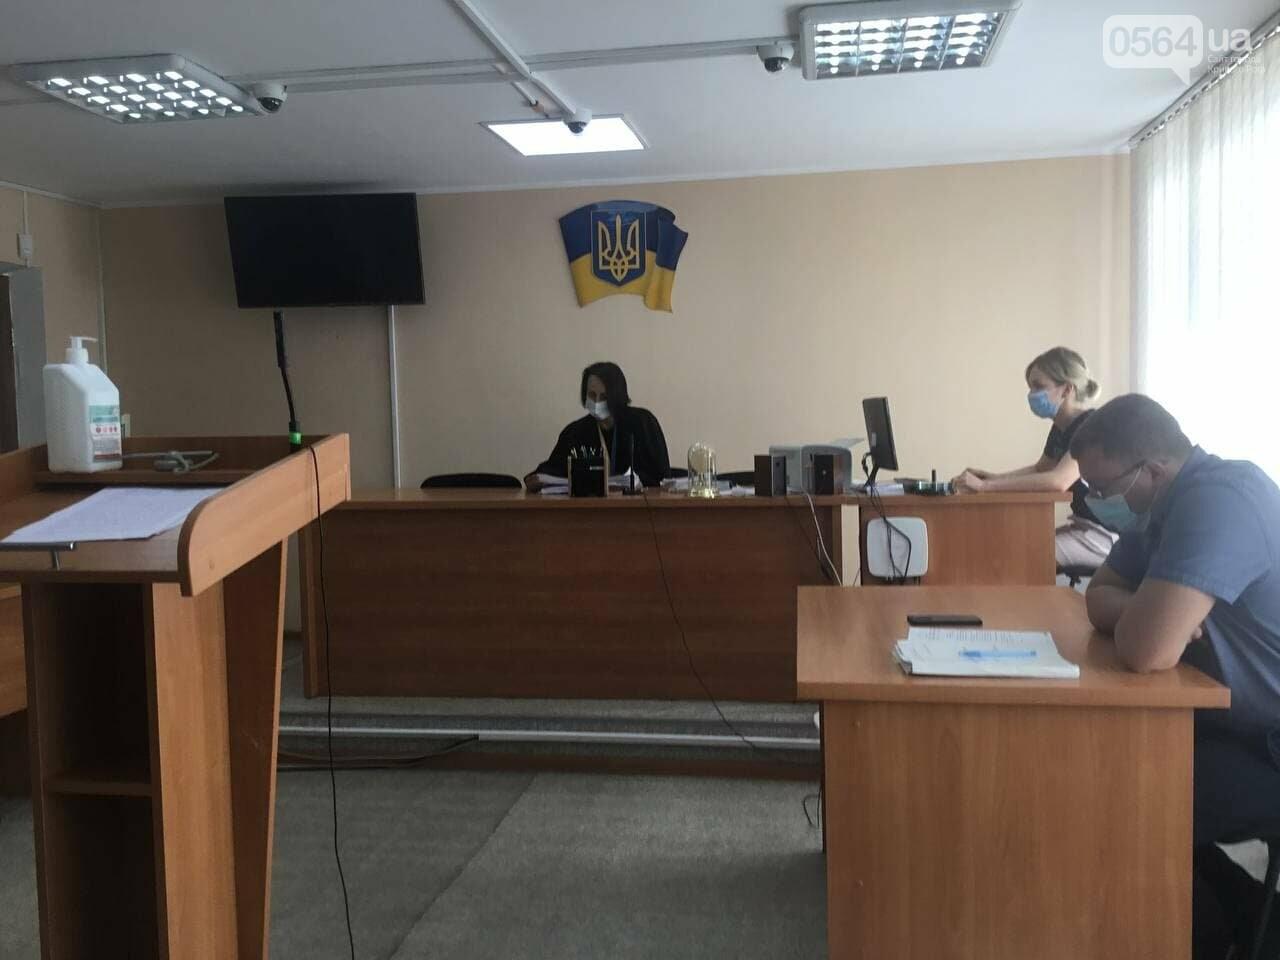 Муниципальный гвардеец против активиста: в суде заявили ходатайства о реагировании на противозаконные действия полицейских, - ФОТО, ВИДЕО, фото-6